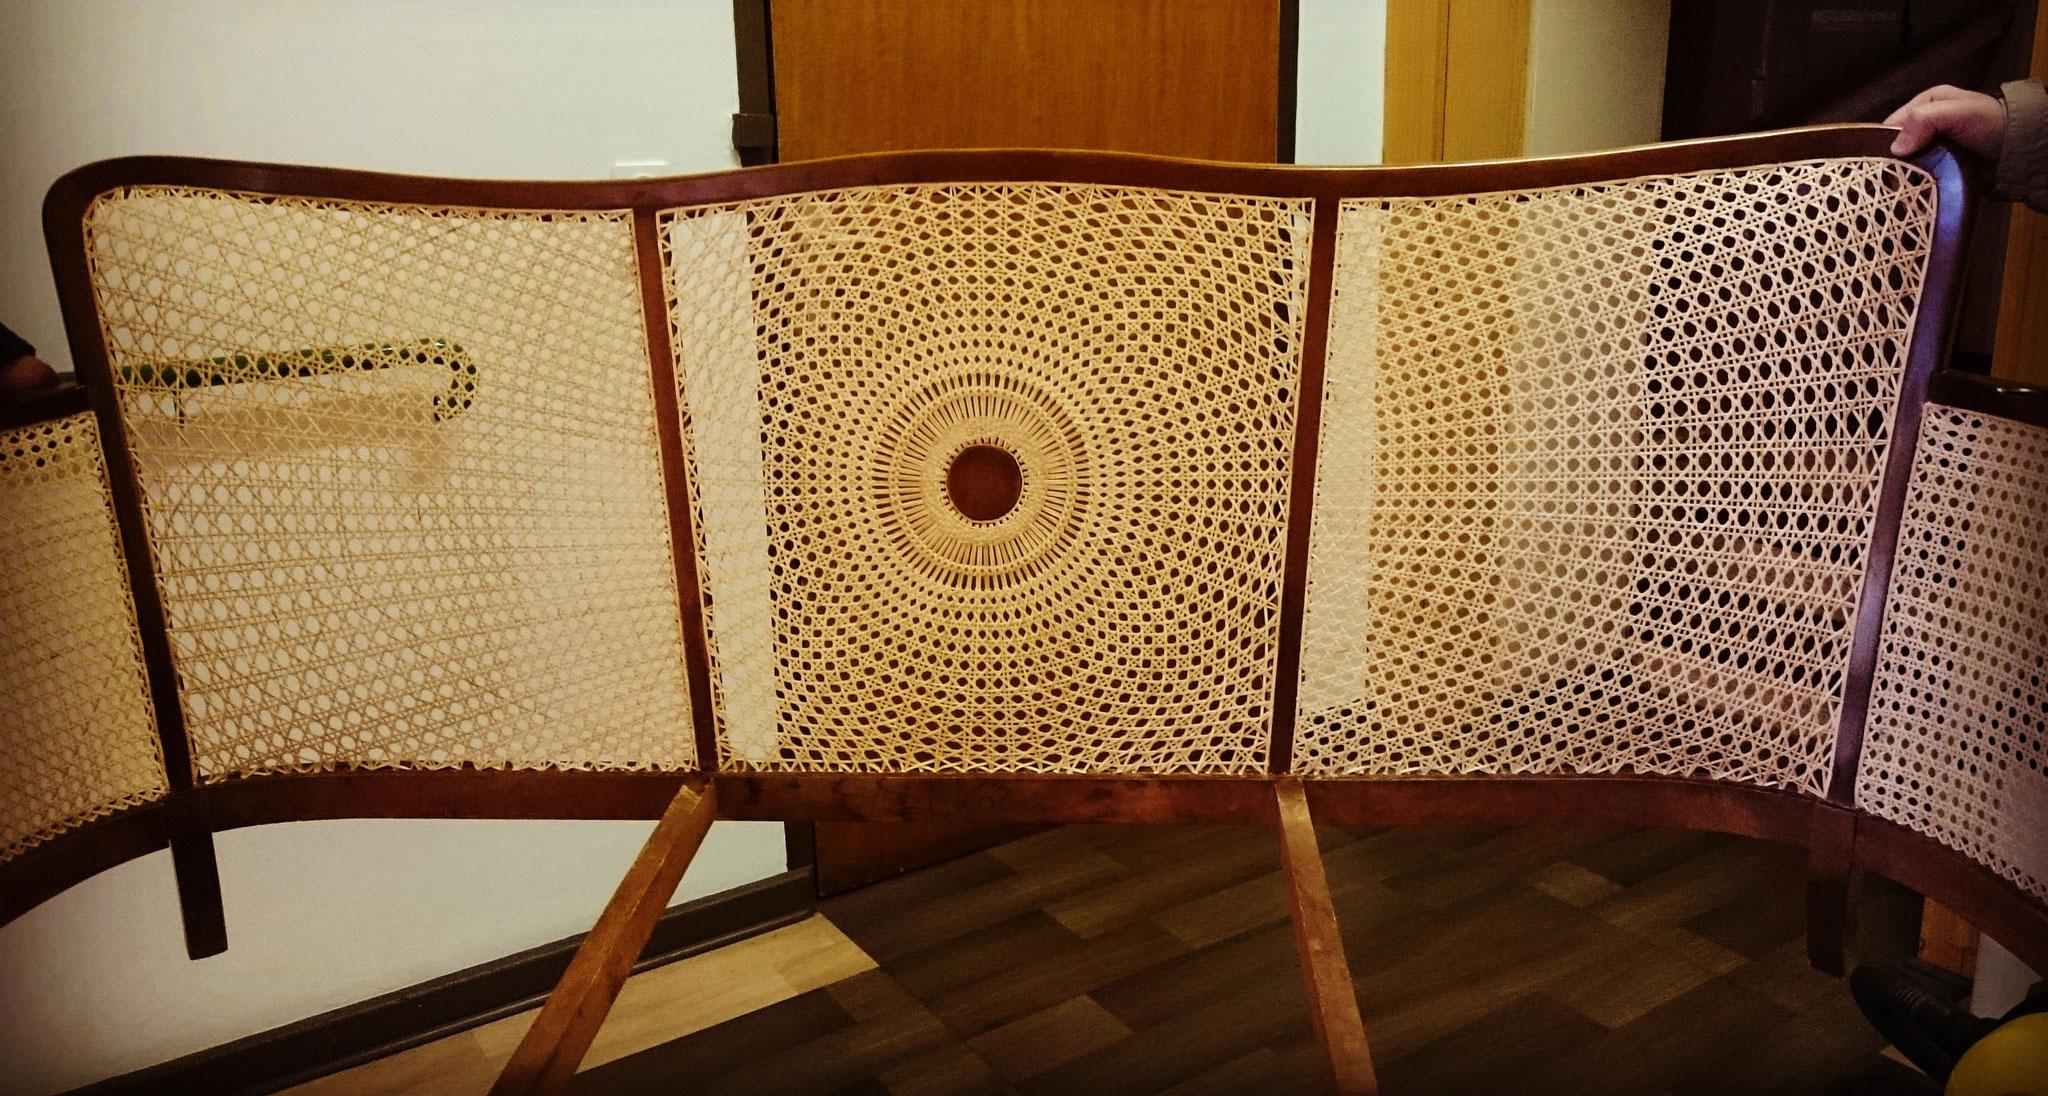 Sofa mit Sonnengeflecht in der Rückenlehne